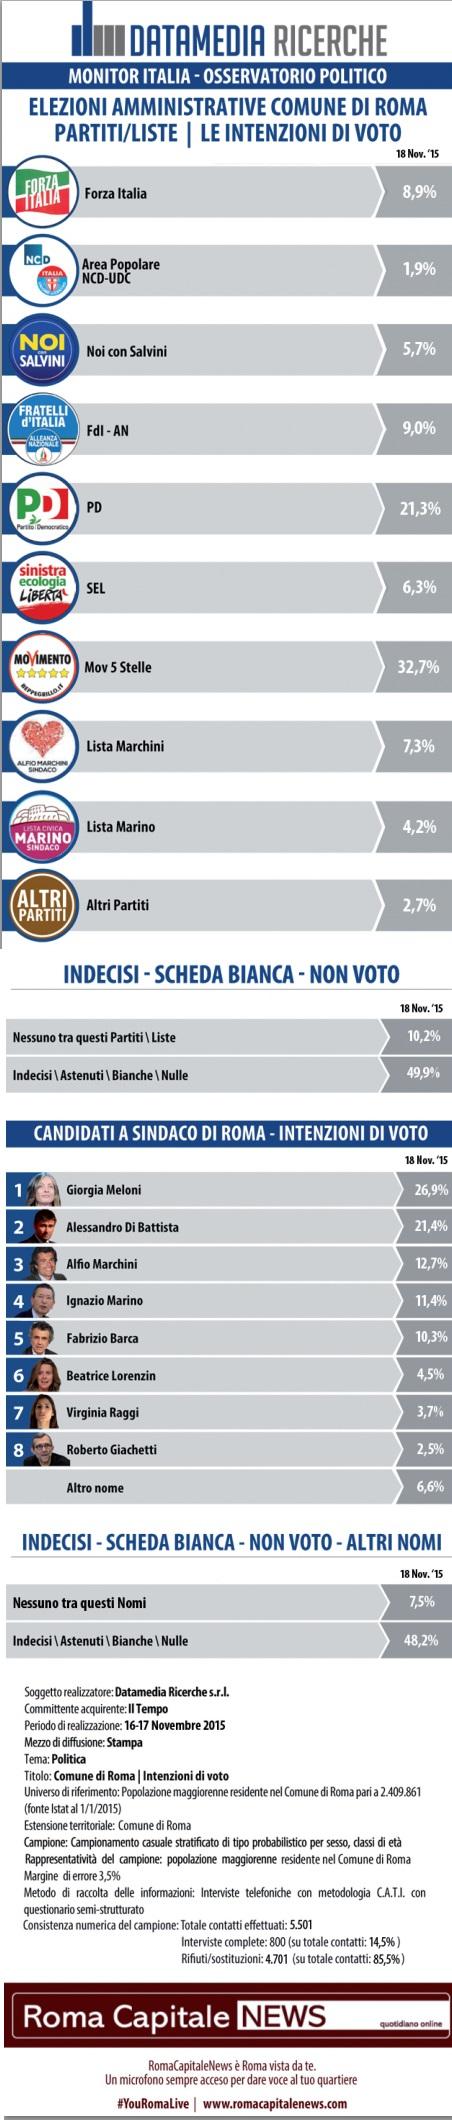 sondaggi Roma, partiti e candidati con percentuali